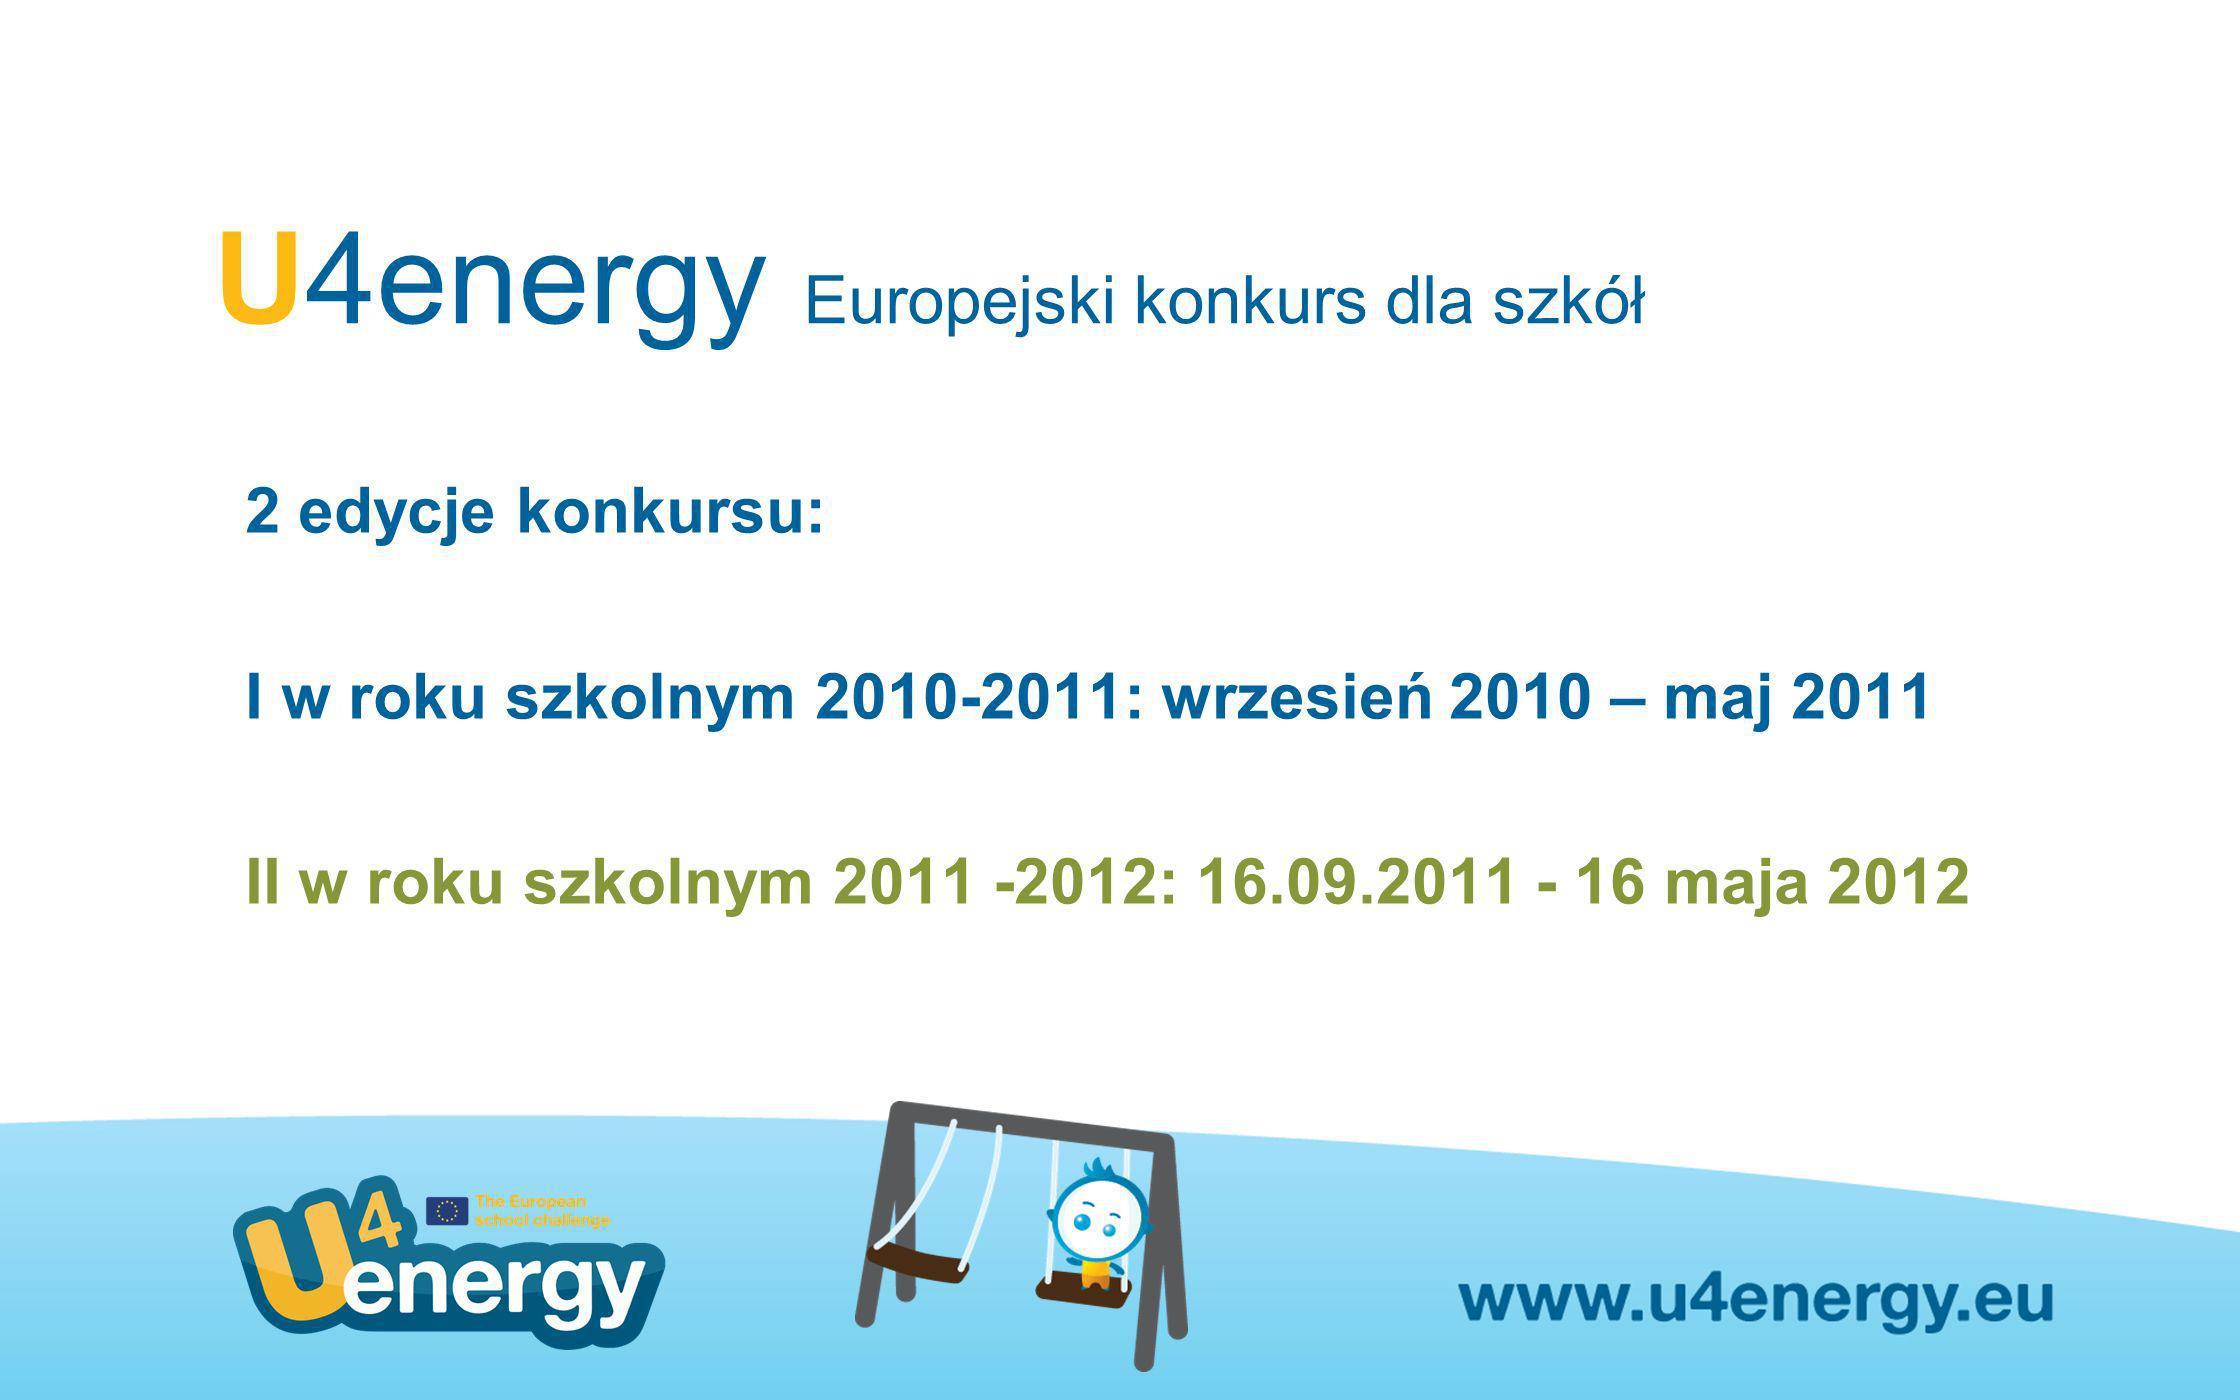 U4energy Europejski konkurs dla szkół 2 edycje konkursu: I w roku szkolnym 2010-2011: wrzesień 2010 – maj 2011 II w roku szkolnym 2011 -2012: 16.09.20